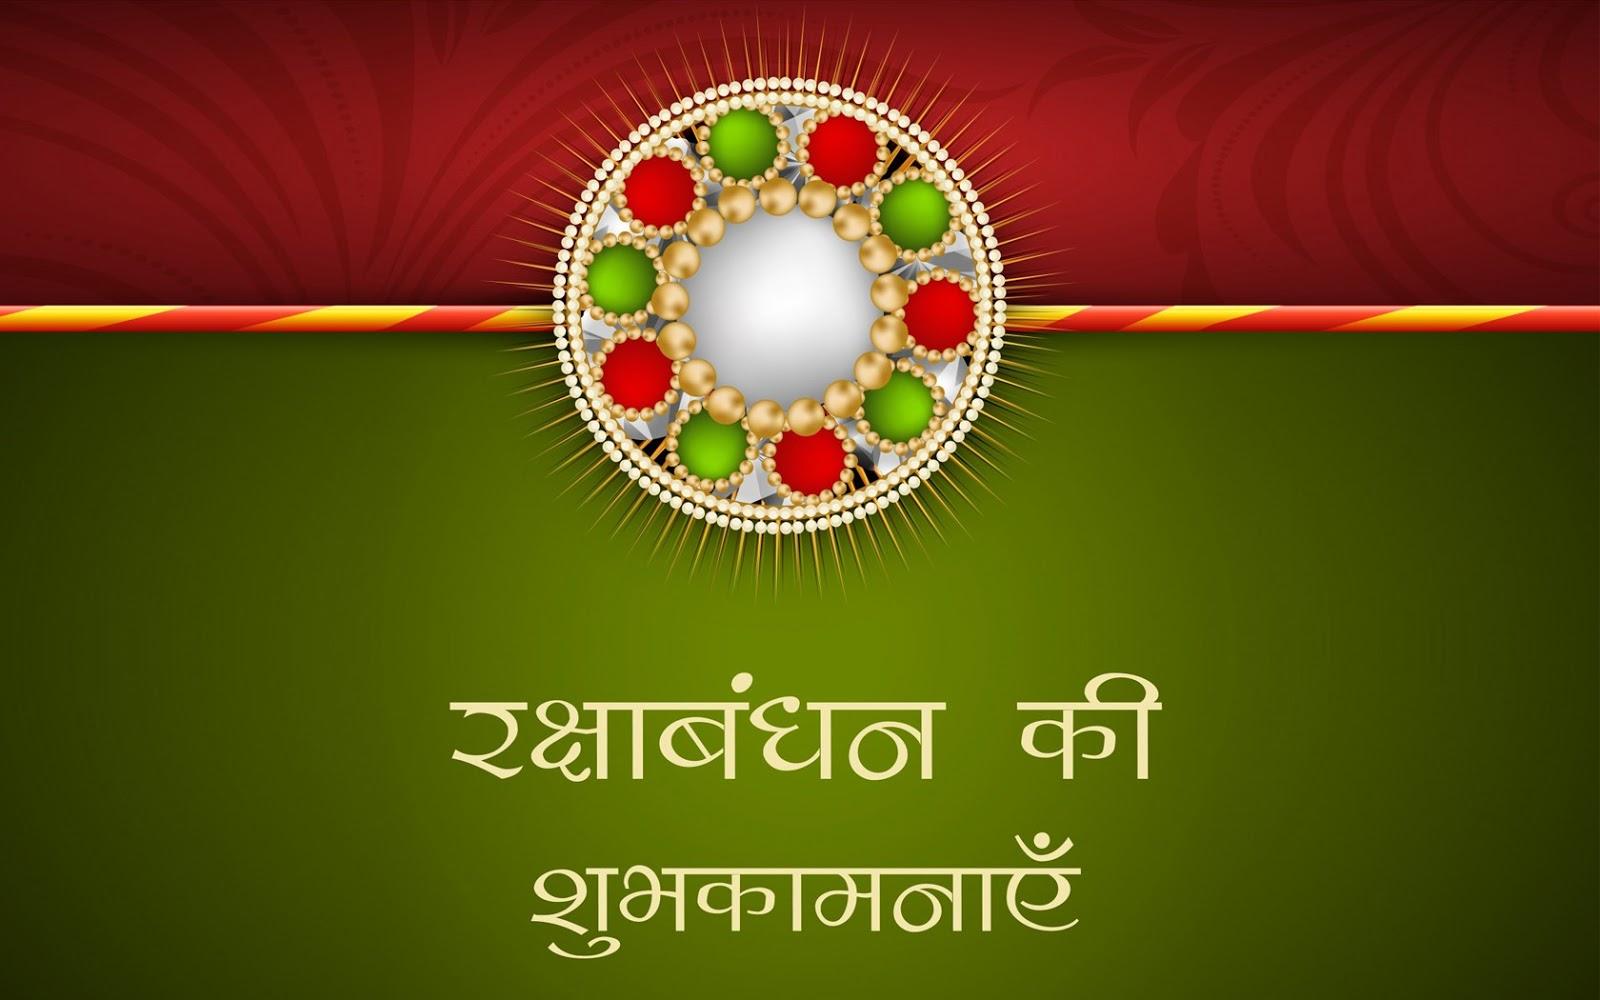 Rakhi Online Raksha Bandhan Images Hd Rakhi 2018 Hd